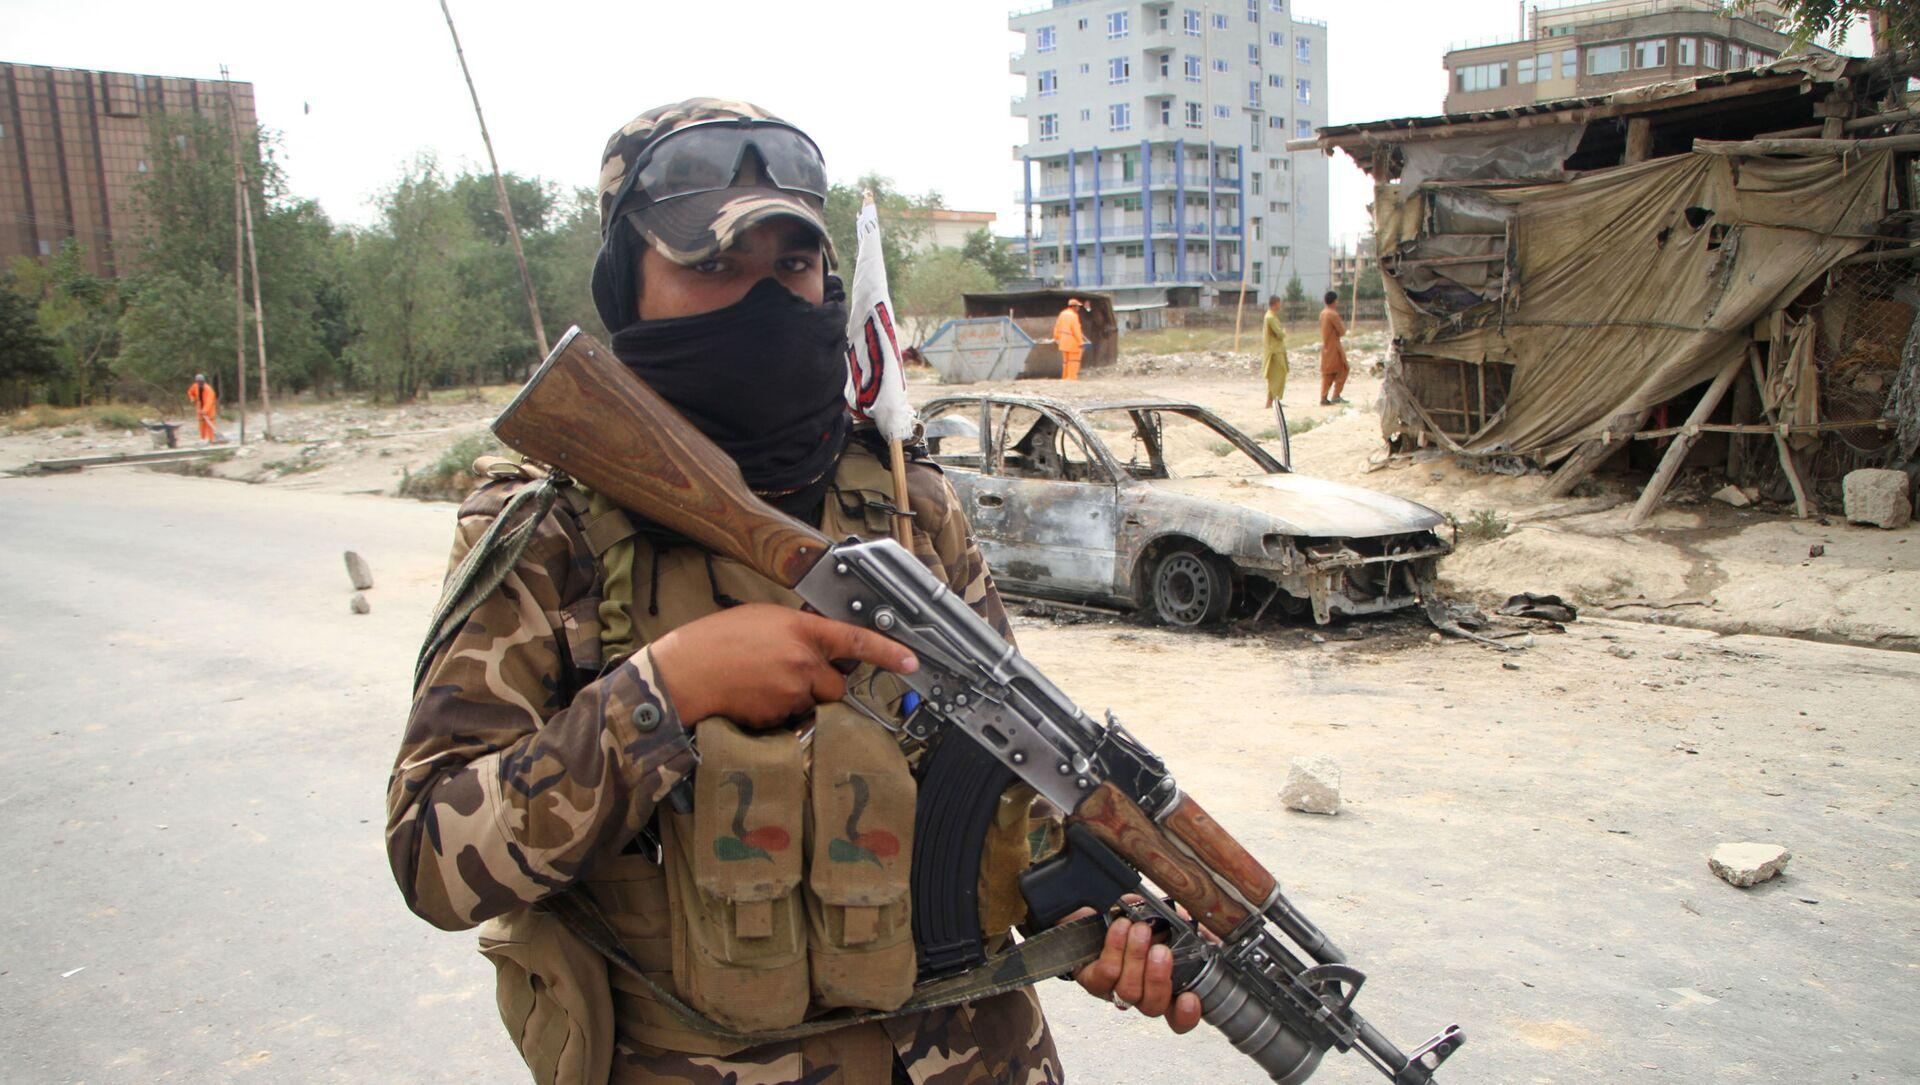 Situation en Afghanistan après le retour des talibans* au pouvoir, août 2021 - Sputnik France, 1920, 14.09.2021